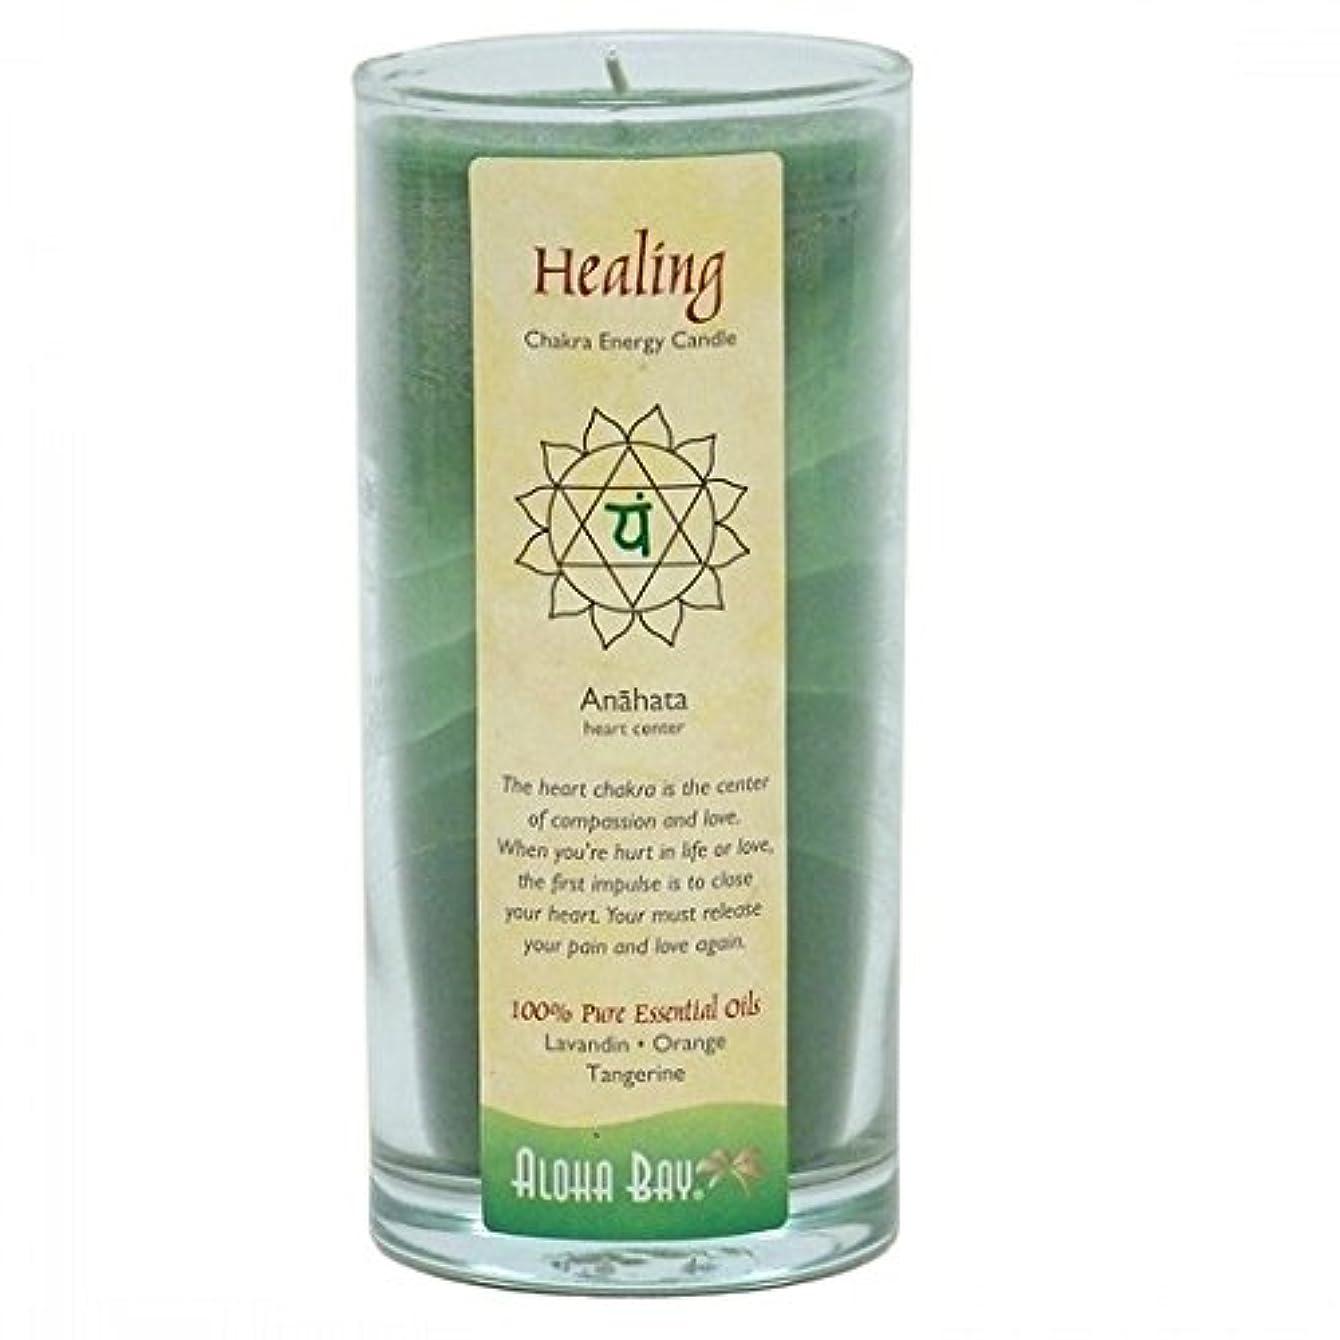 殉教者助手ロックAloha Bay - Chakraエネルギー蝋燭の瓶の治療の治療 - 11ポンド